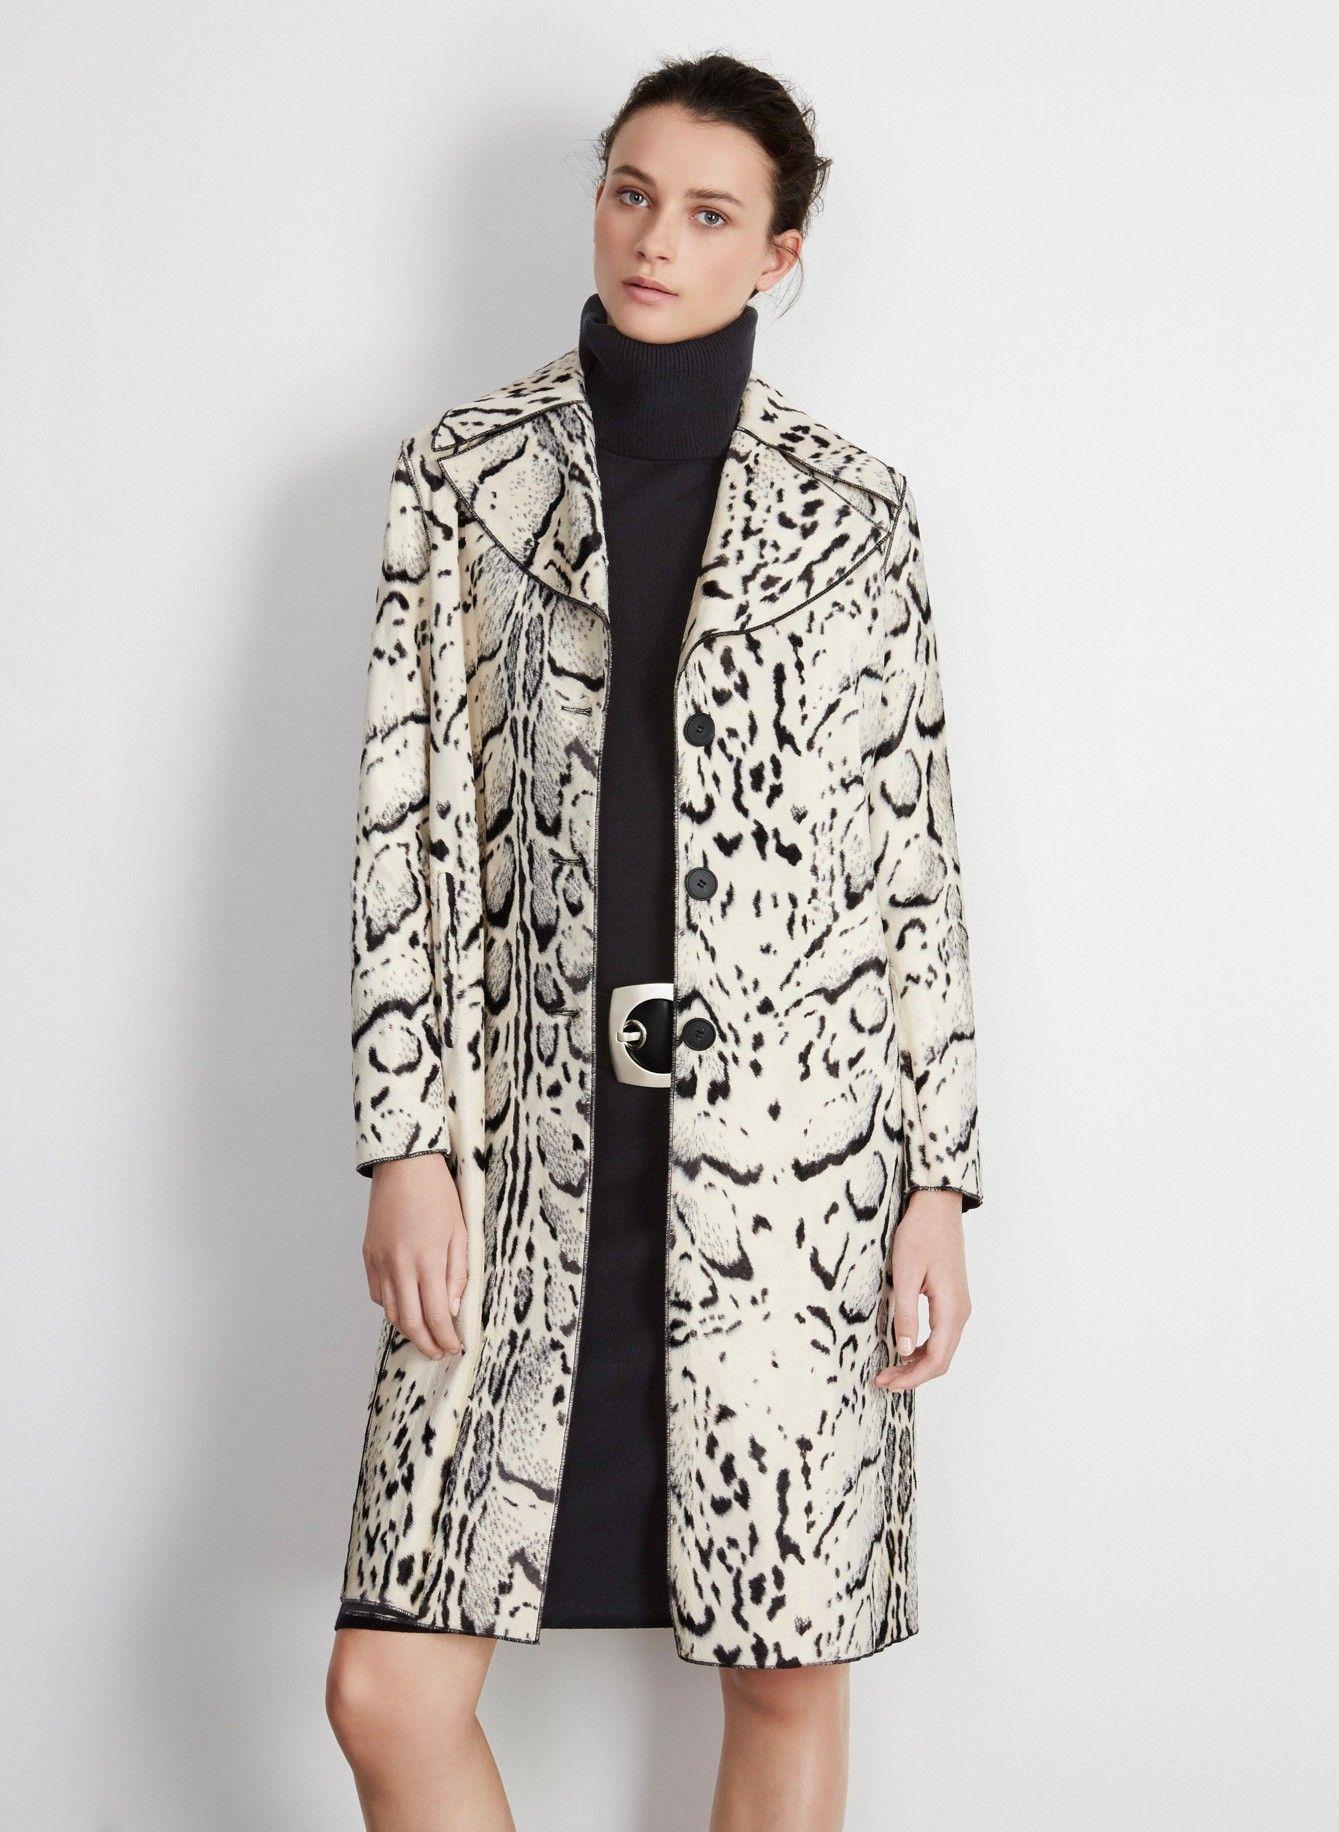 Abrigo eco-piel con animal print - Abrigos  0f0883c0a1b4